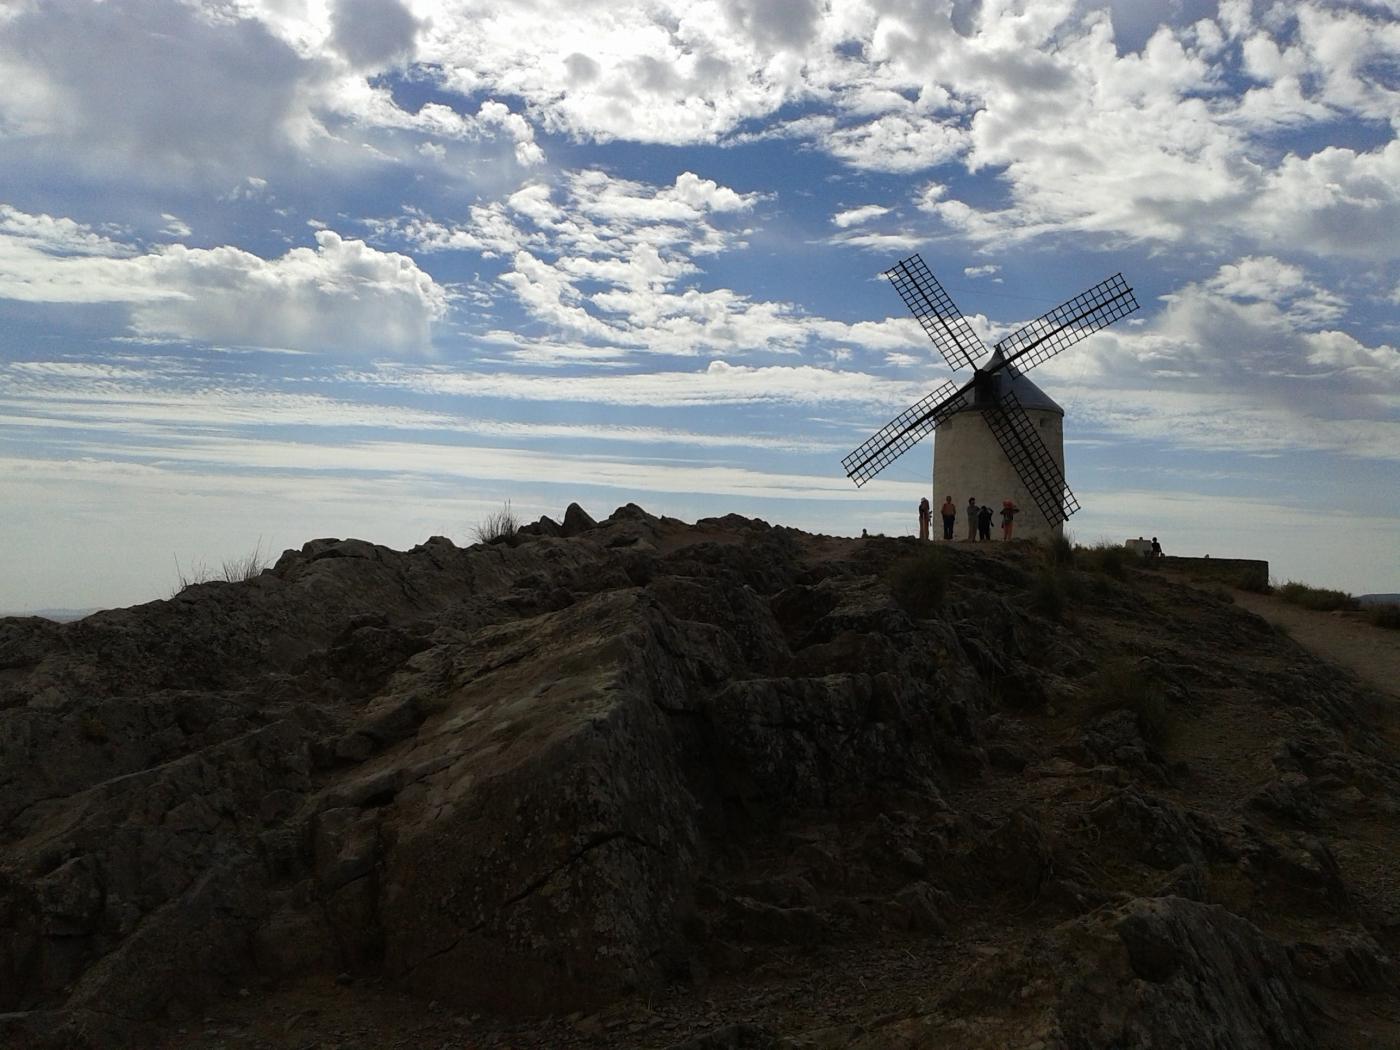 西班牙白色風車村_图1-7